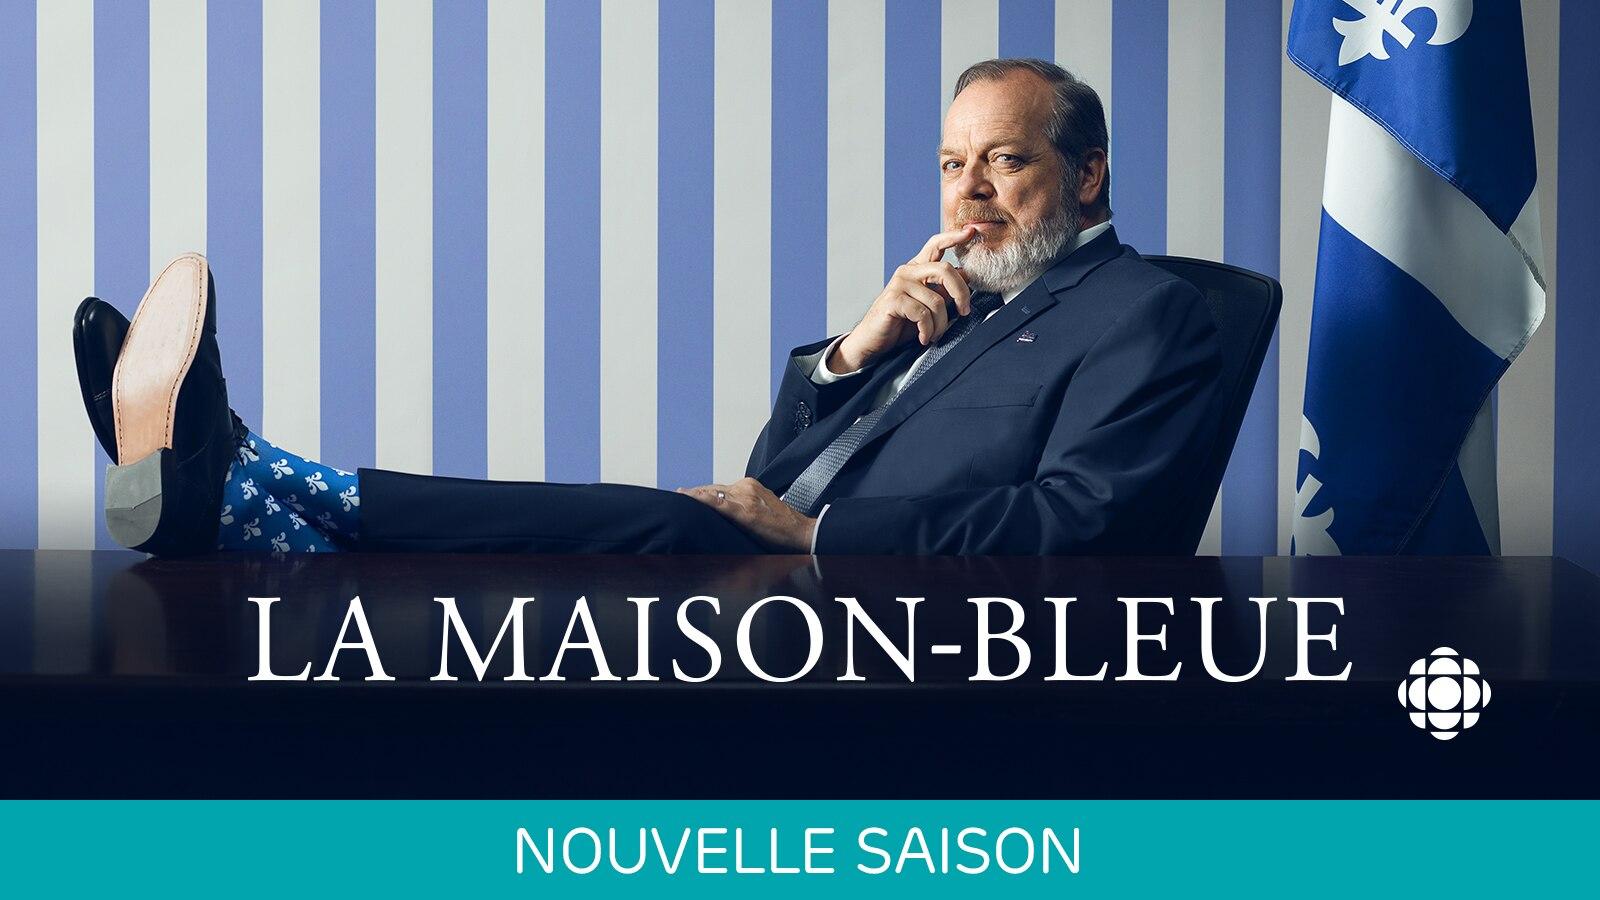 La Maison-Bleue  ICI TOU.TV